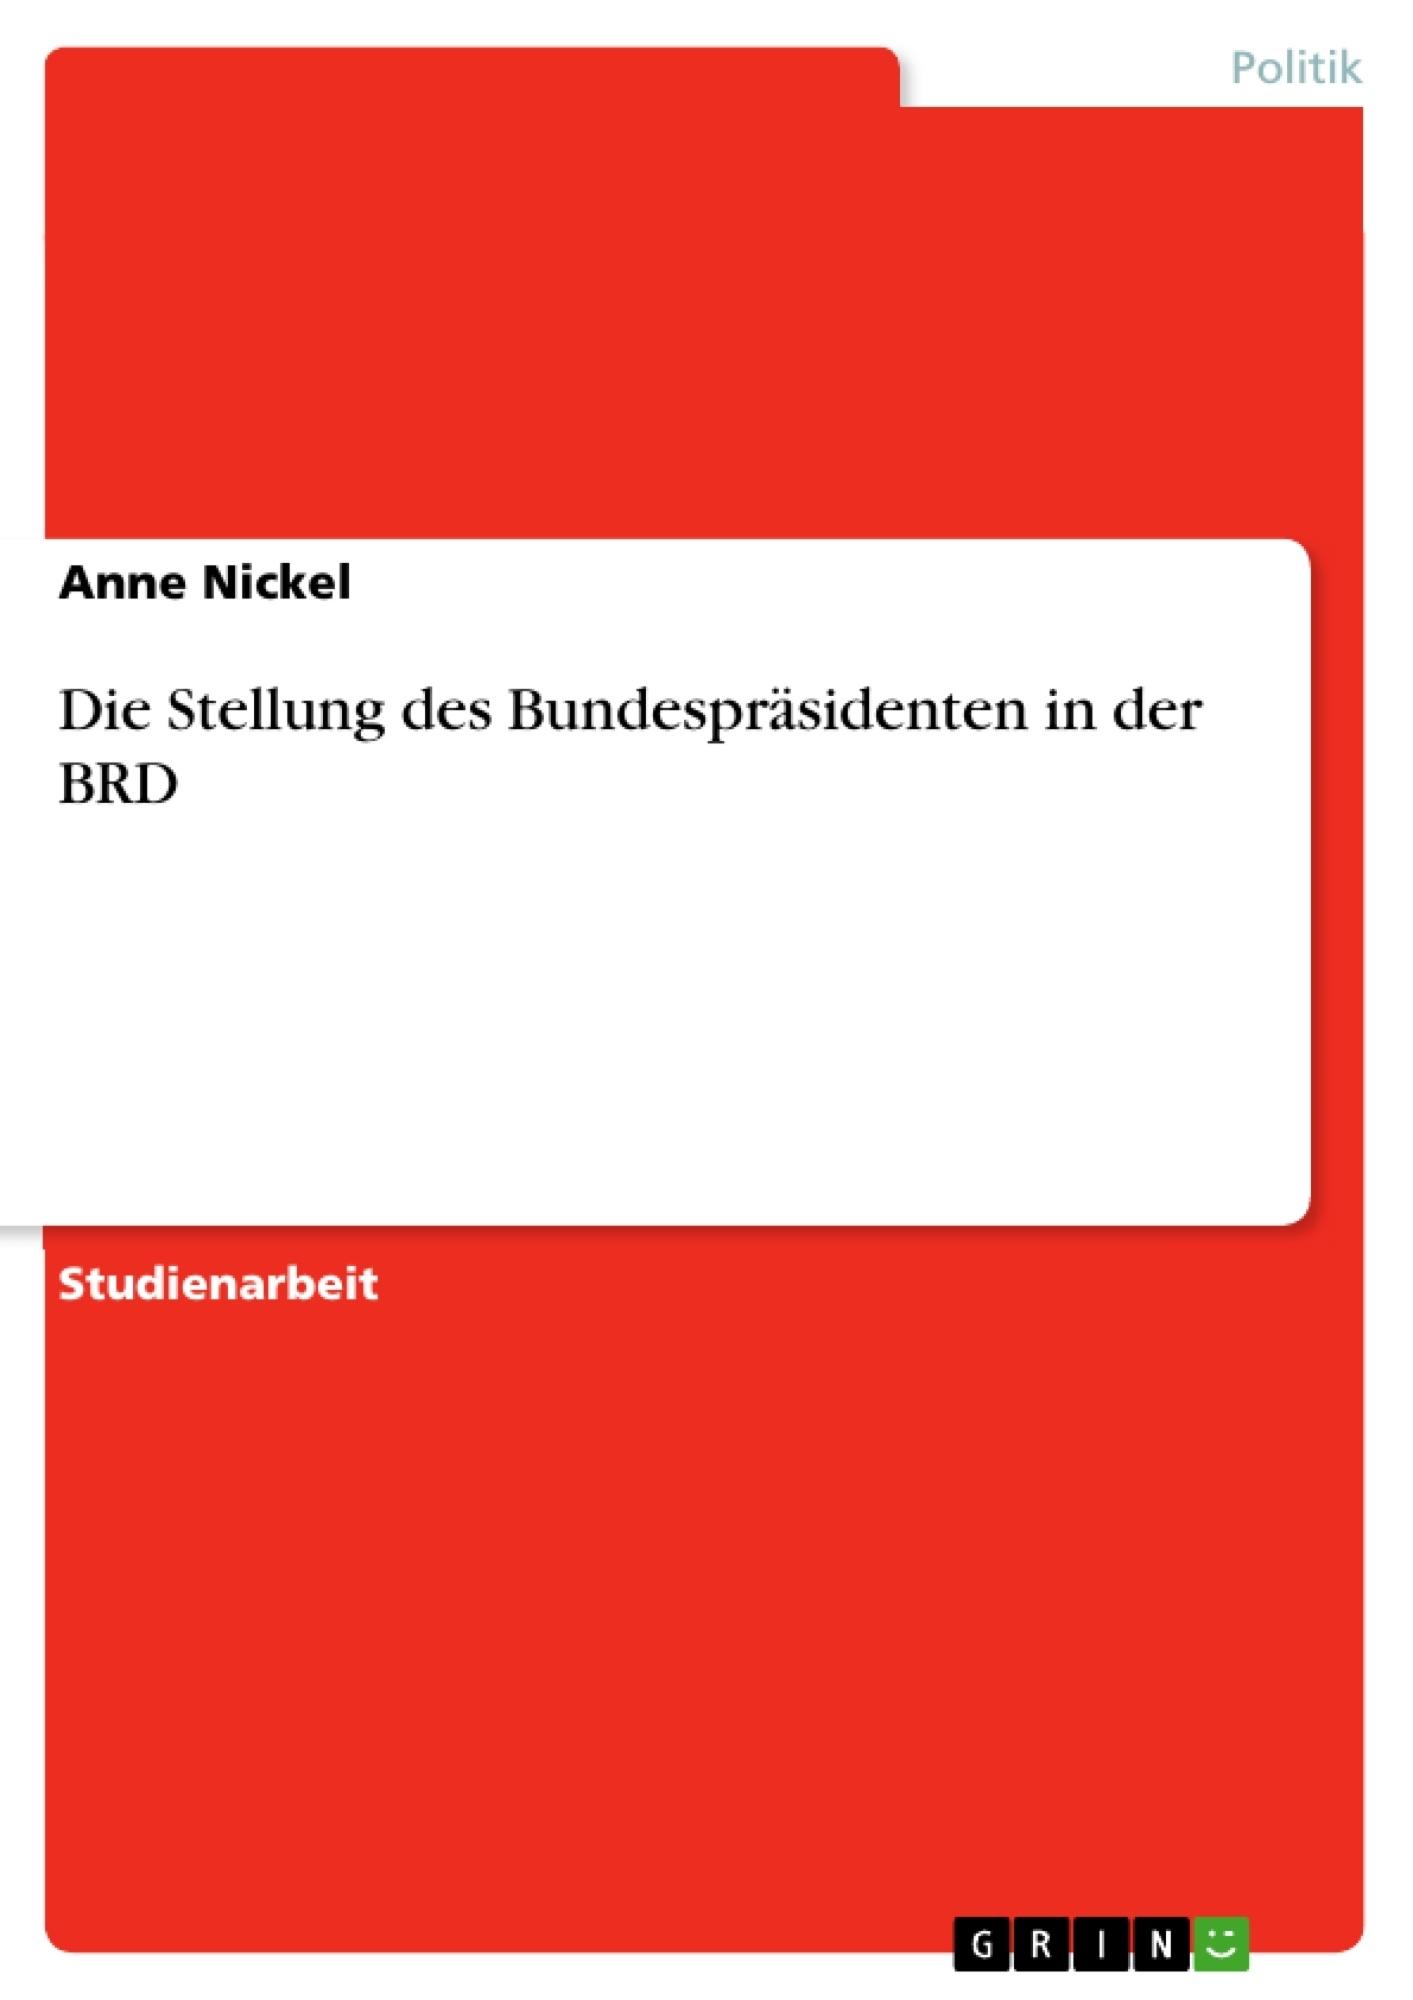 Titel: Die Stellung des Bundespräsidenten in der BRD